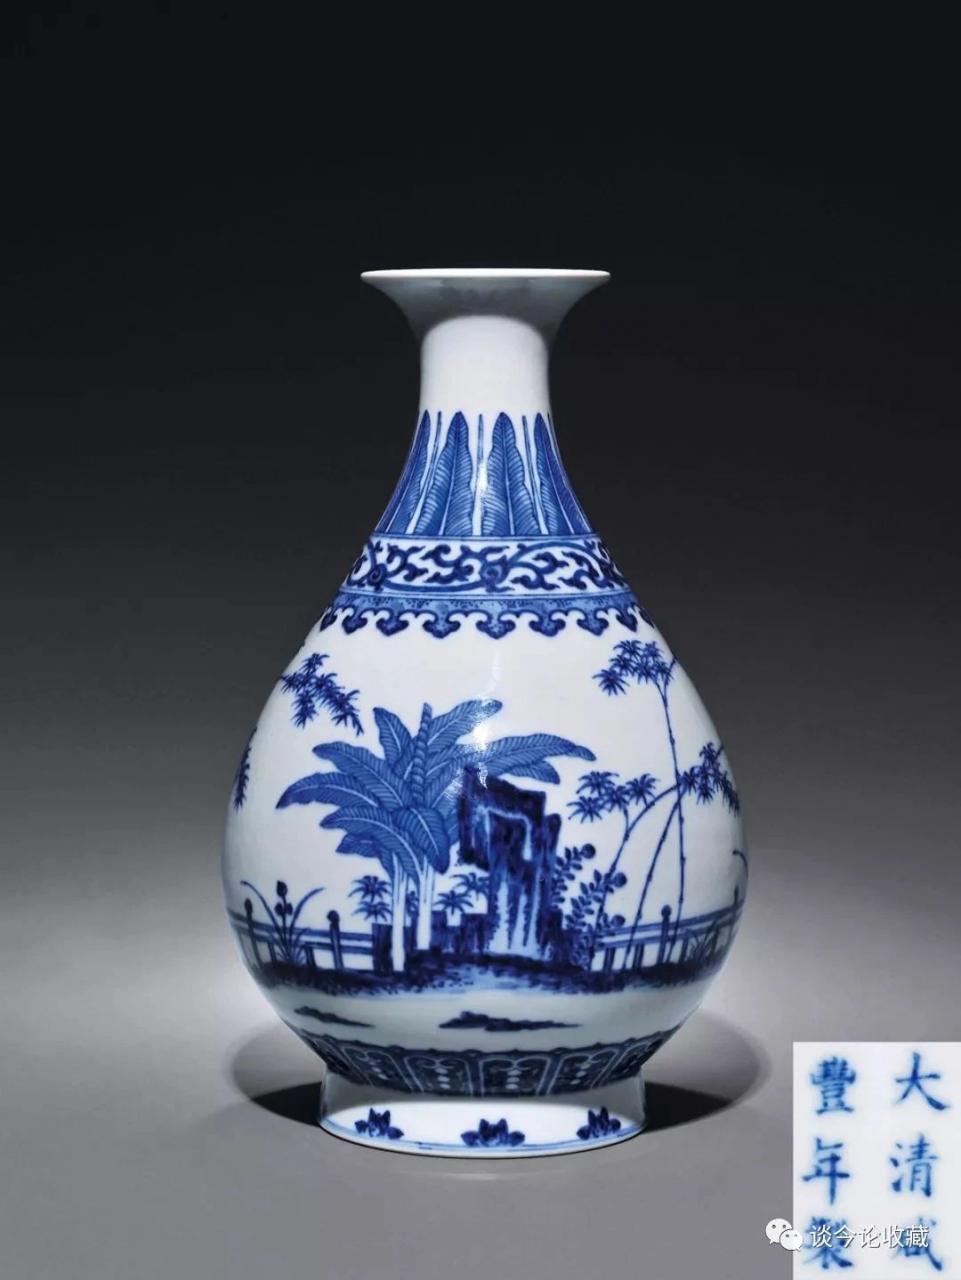 清朝青花瓷器赏析